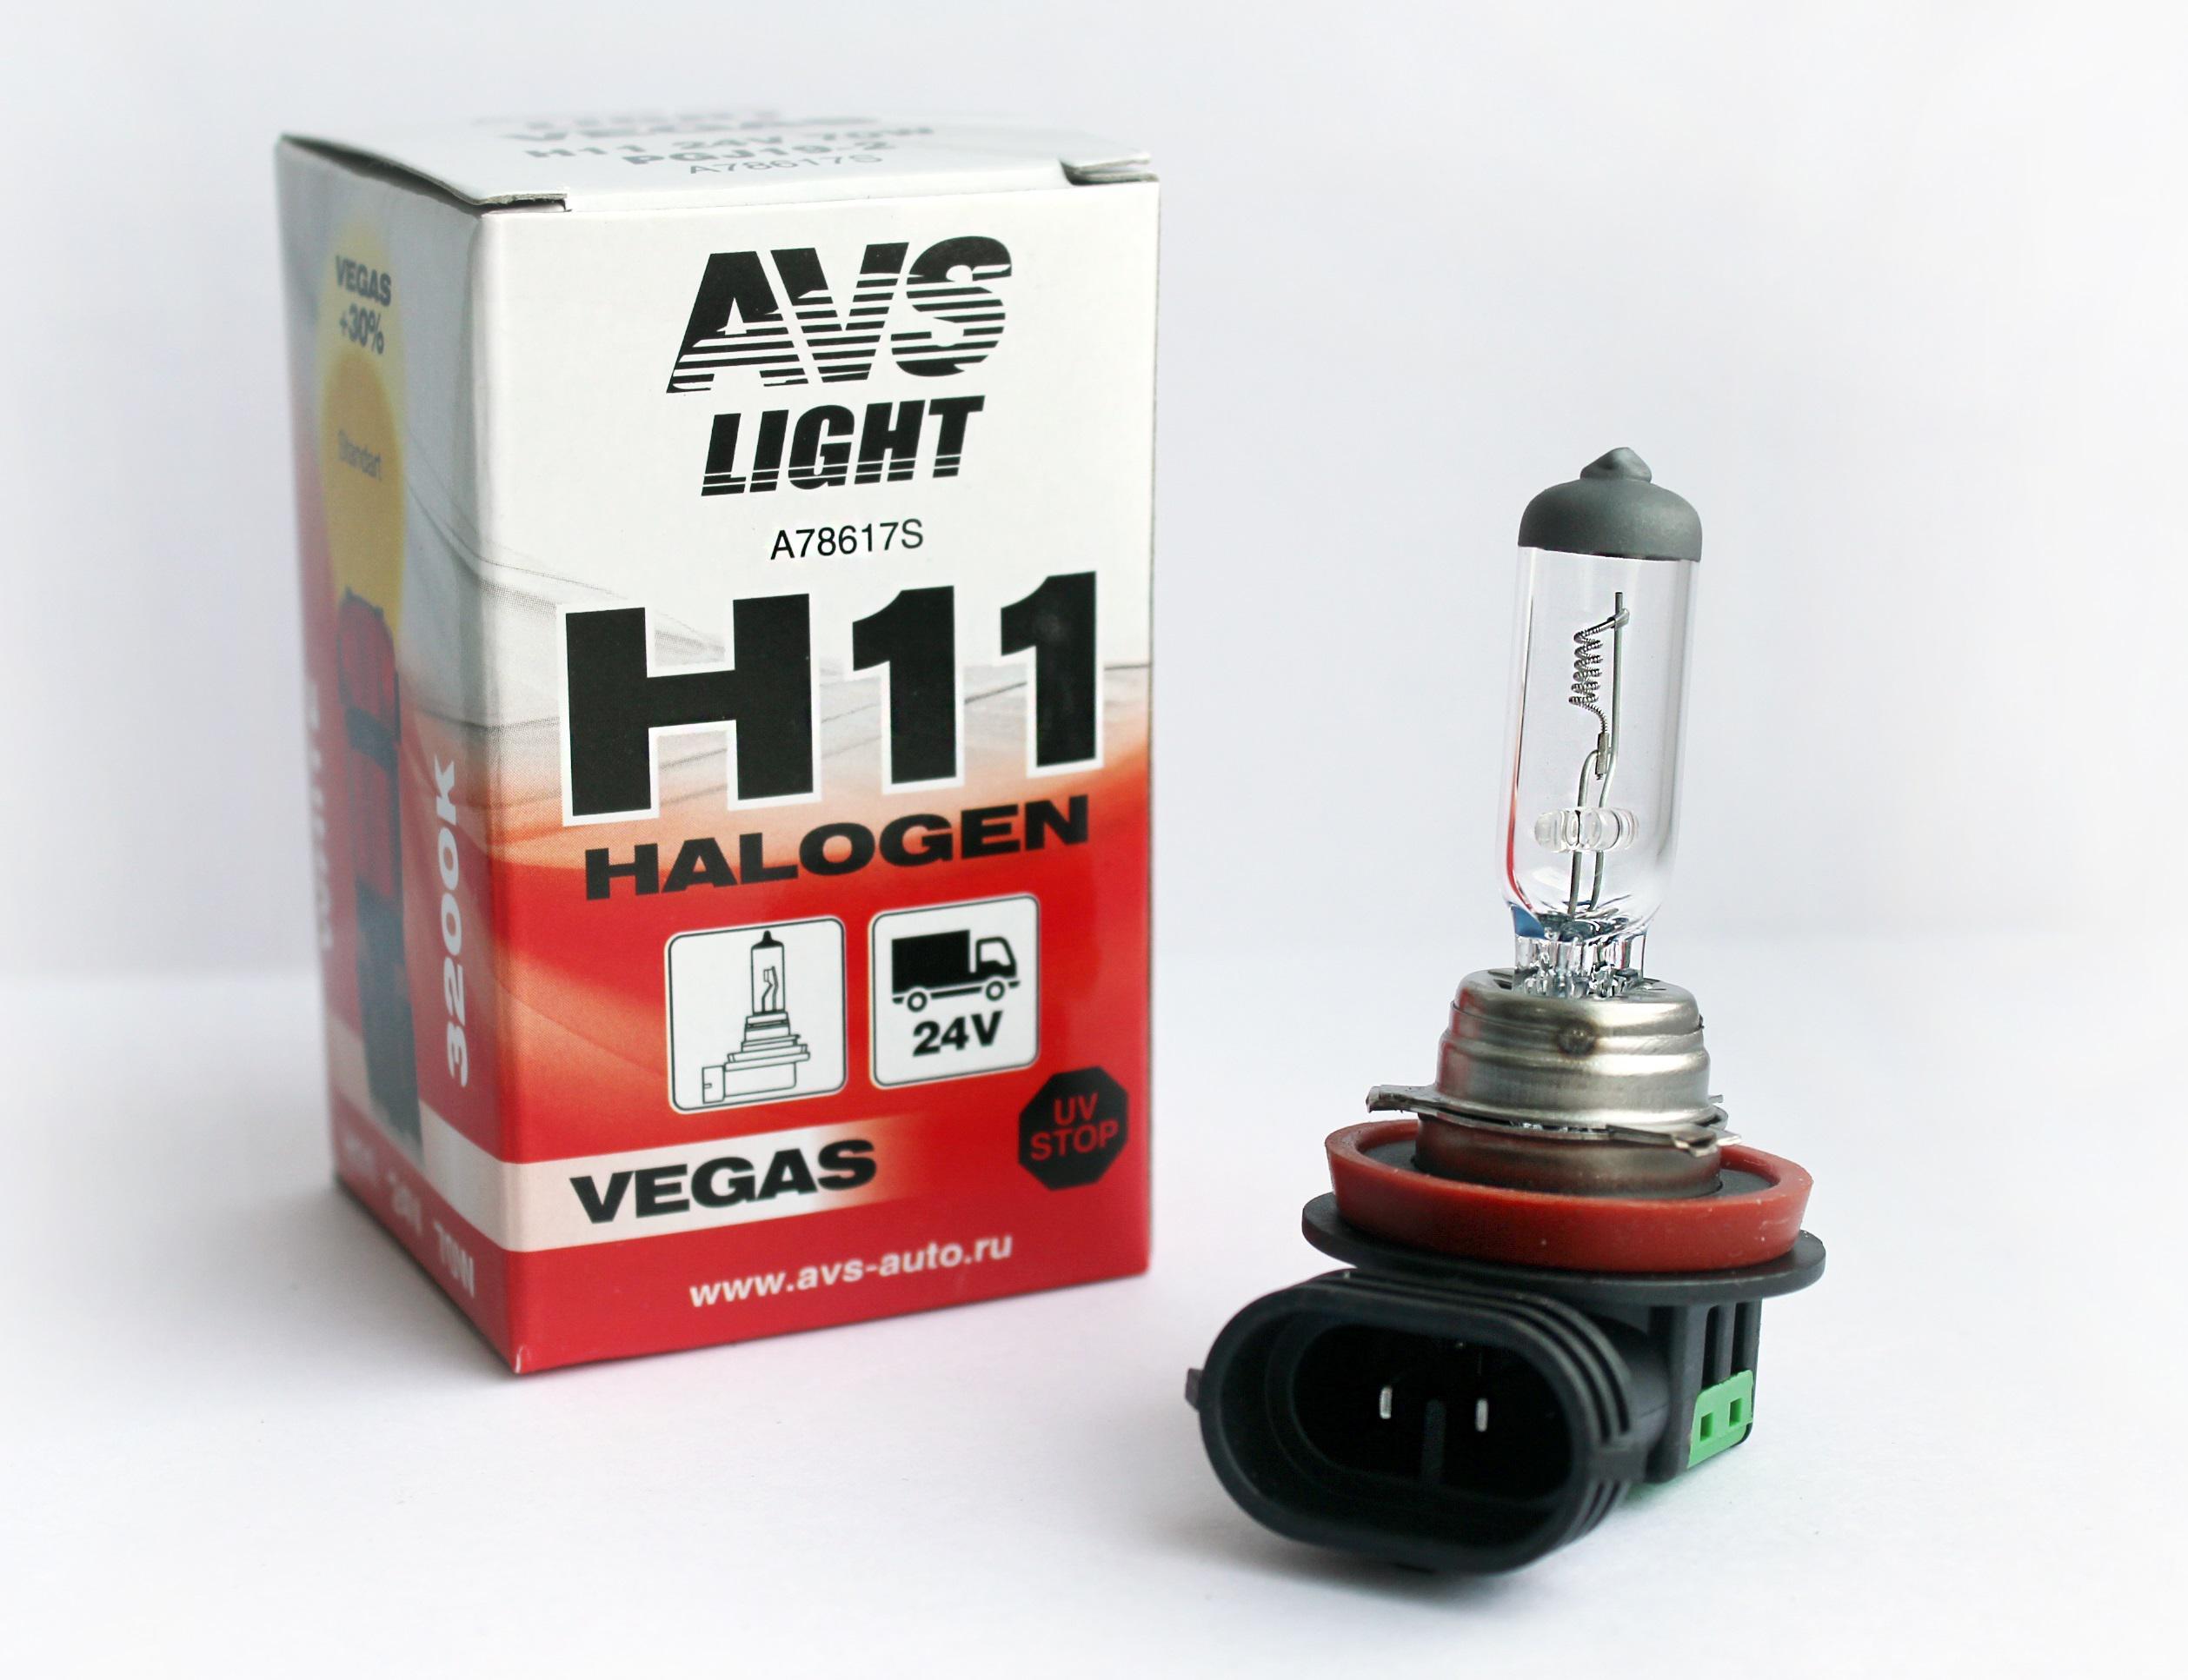 Лампа автомобильная Avs Vegas h11 24v 70w vegas душевая дверь vegas ep 75 профиль матовый хром стекло фибоначчи